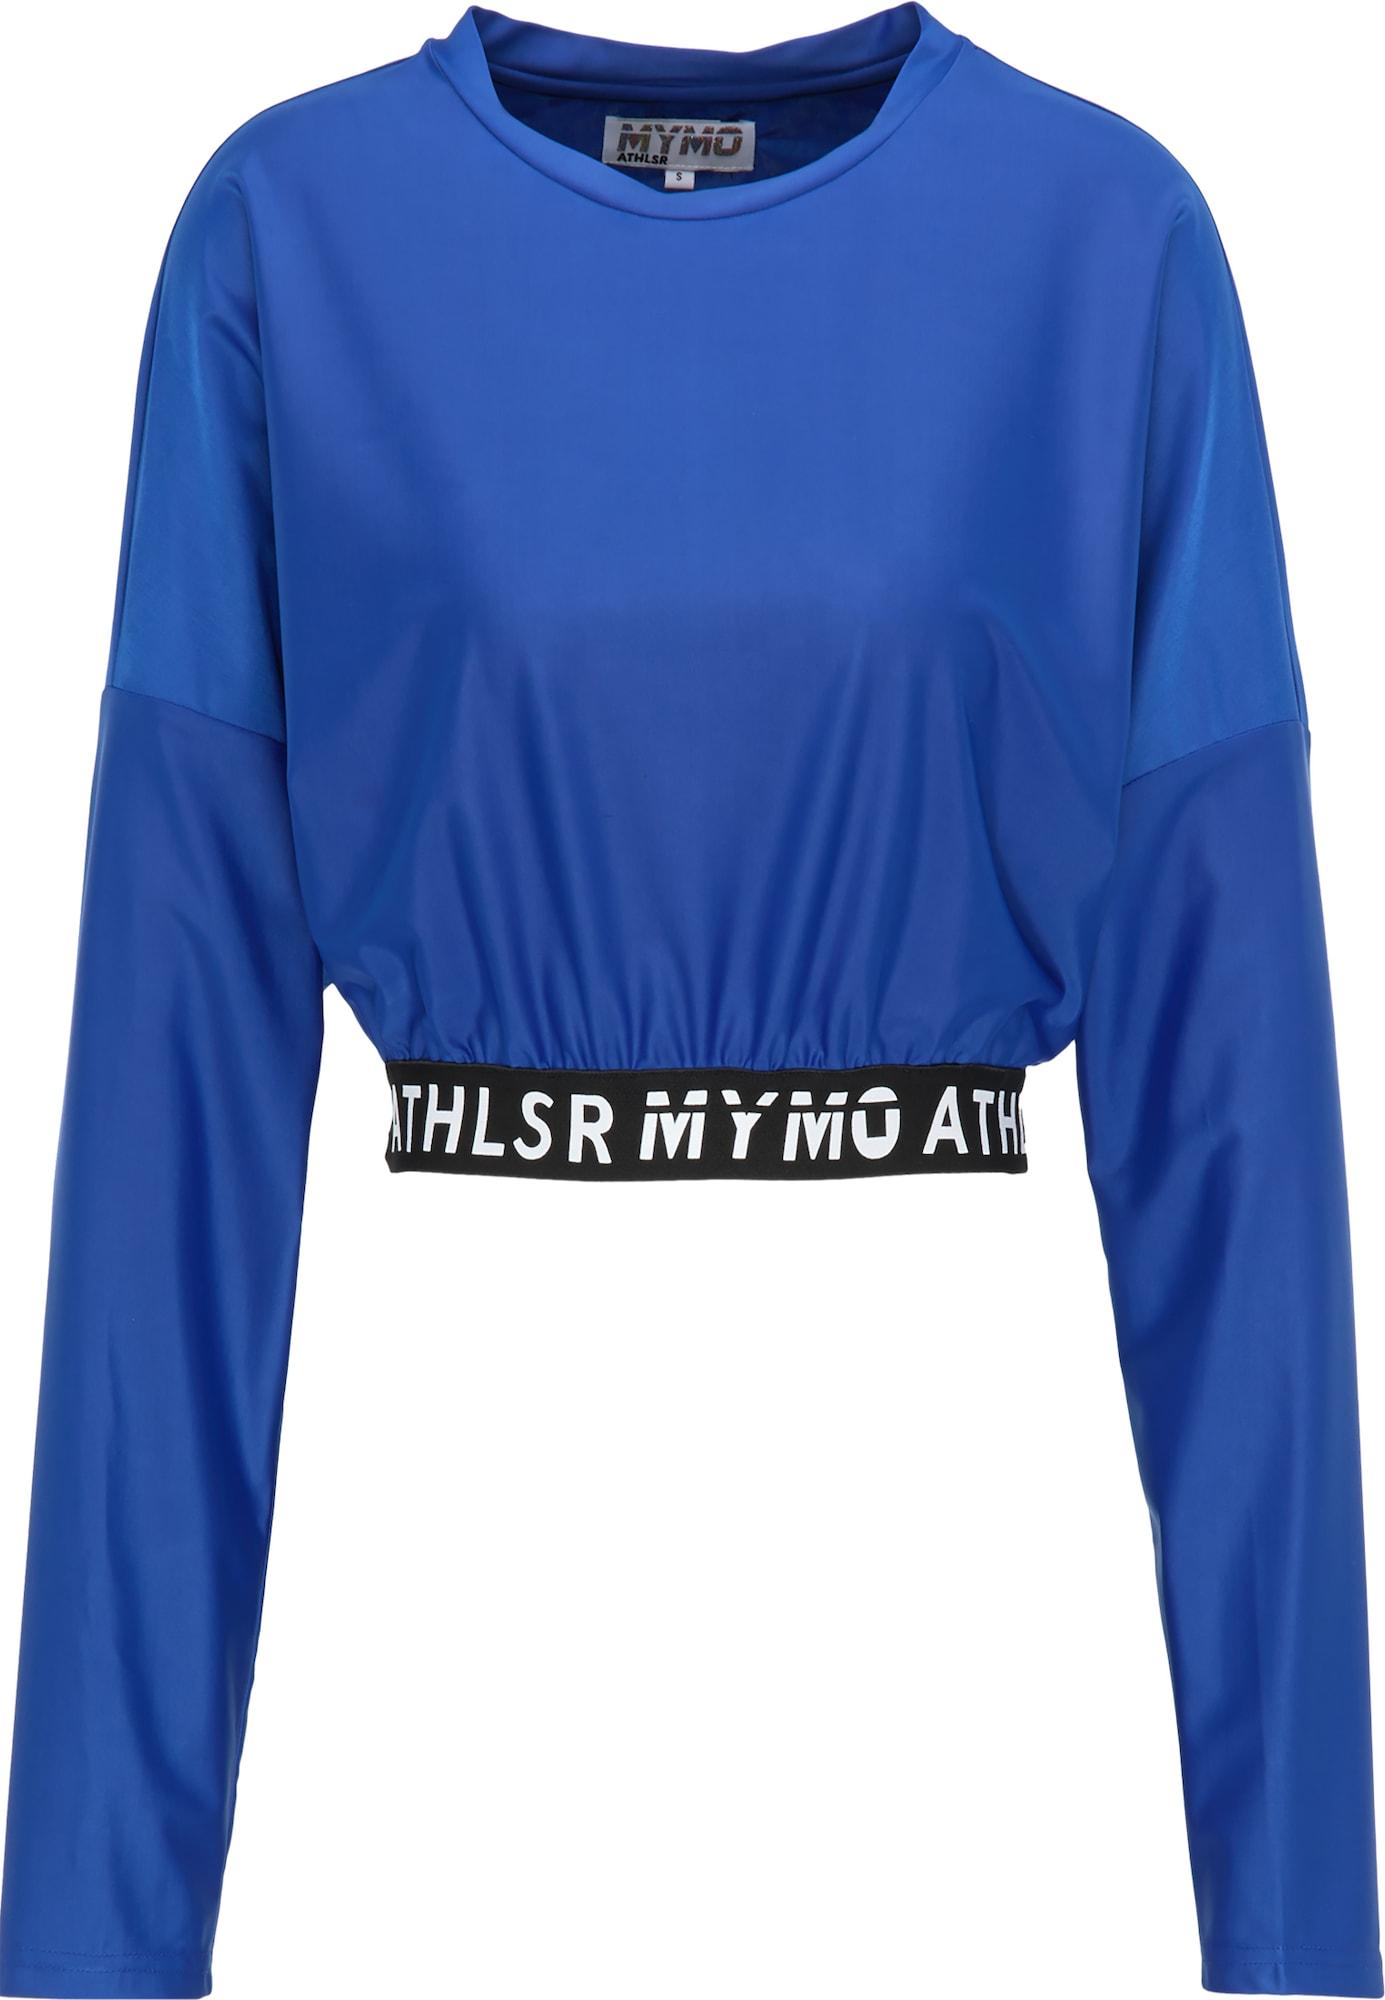 myMo ATHLSR Sportiniai marškinėliai juoda / mėlyna / balta